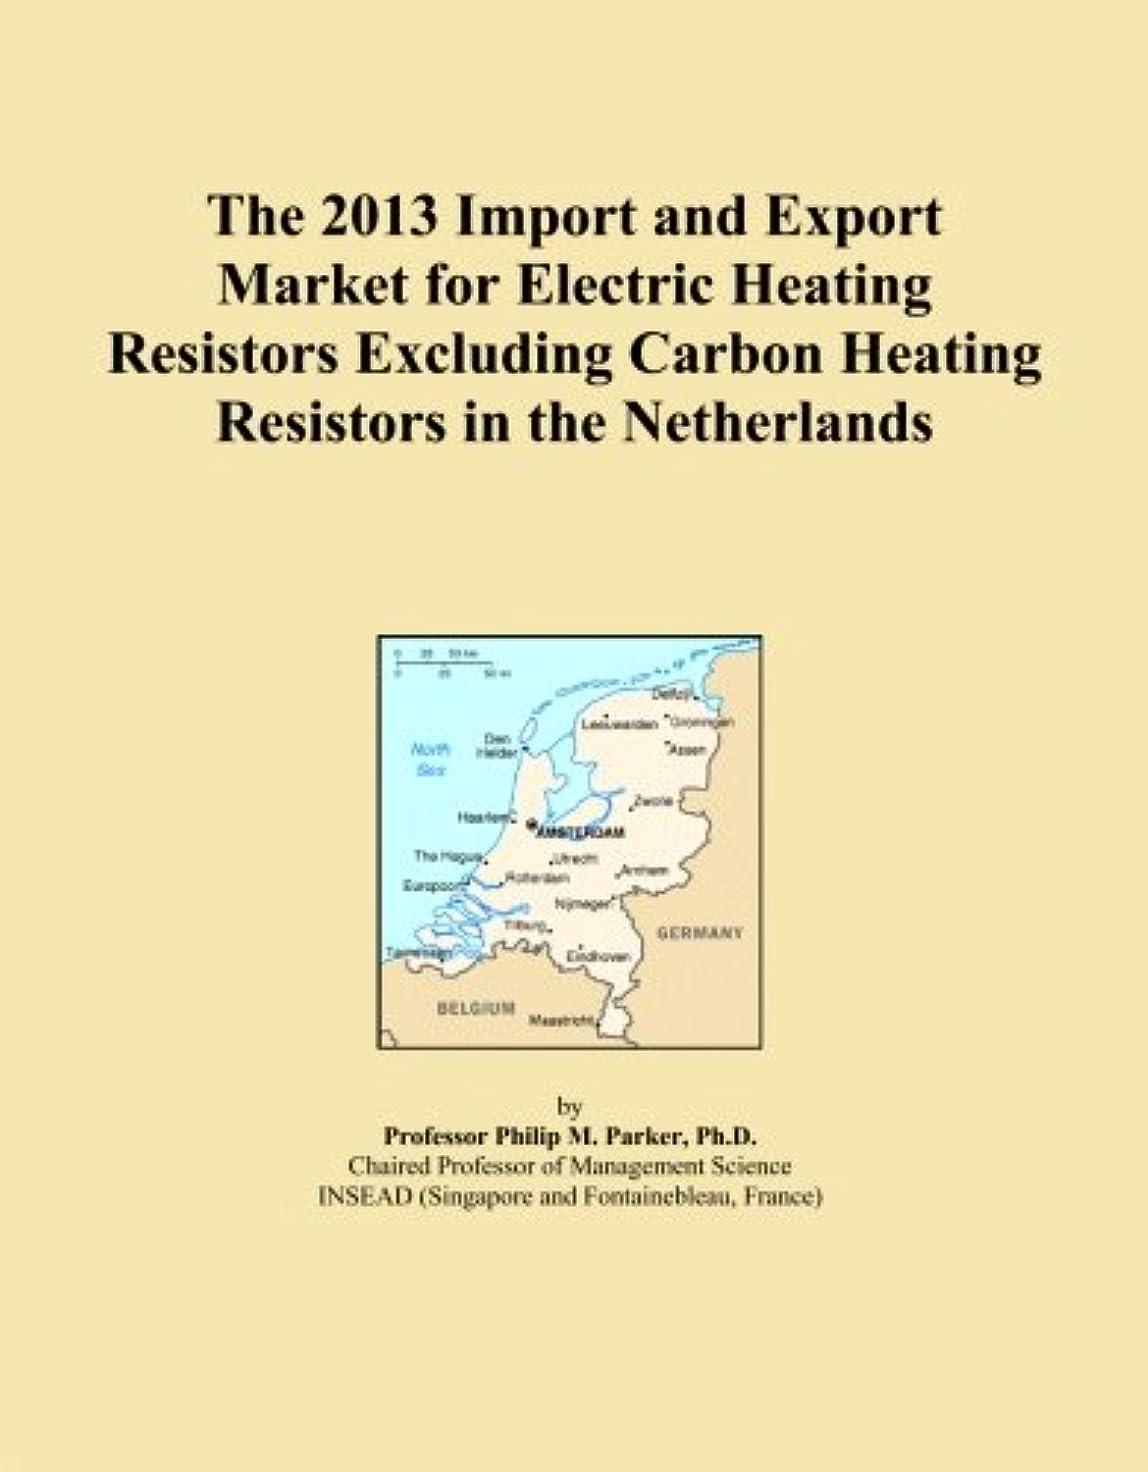 週間治世不快なThe 2013 Import and Export Market for Electric Heating Resistors Excluding Carbon Heating Resistors in the Netherlands